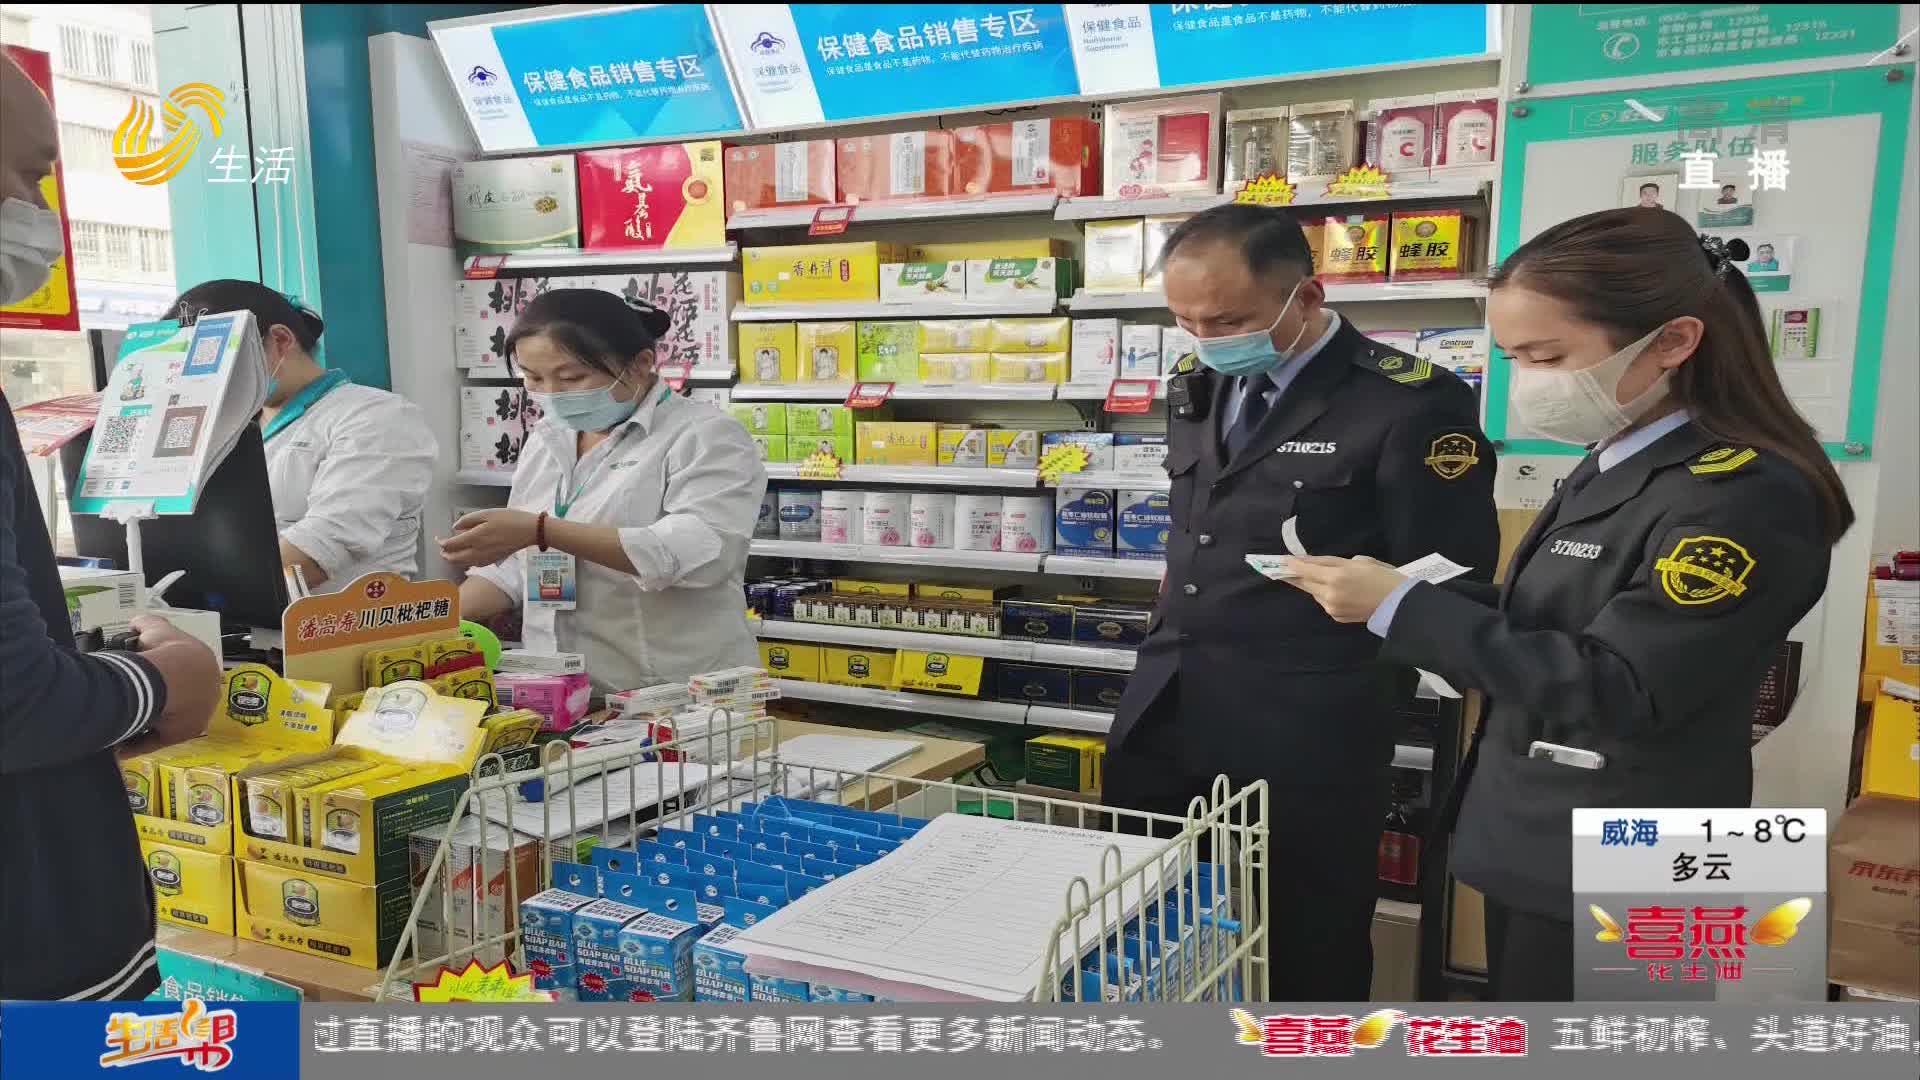 疫情防控不力 青岛19家药店停业整顿